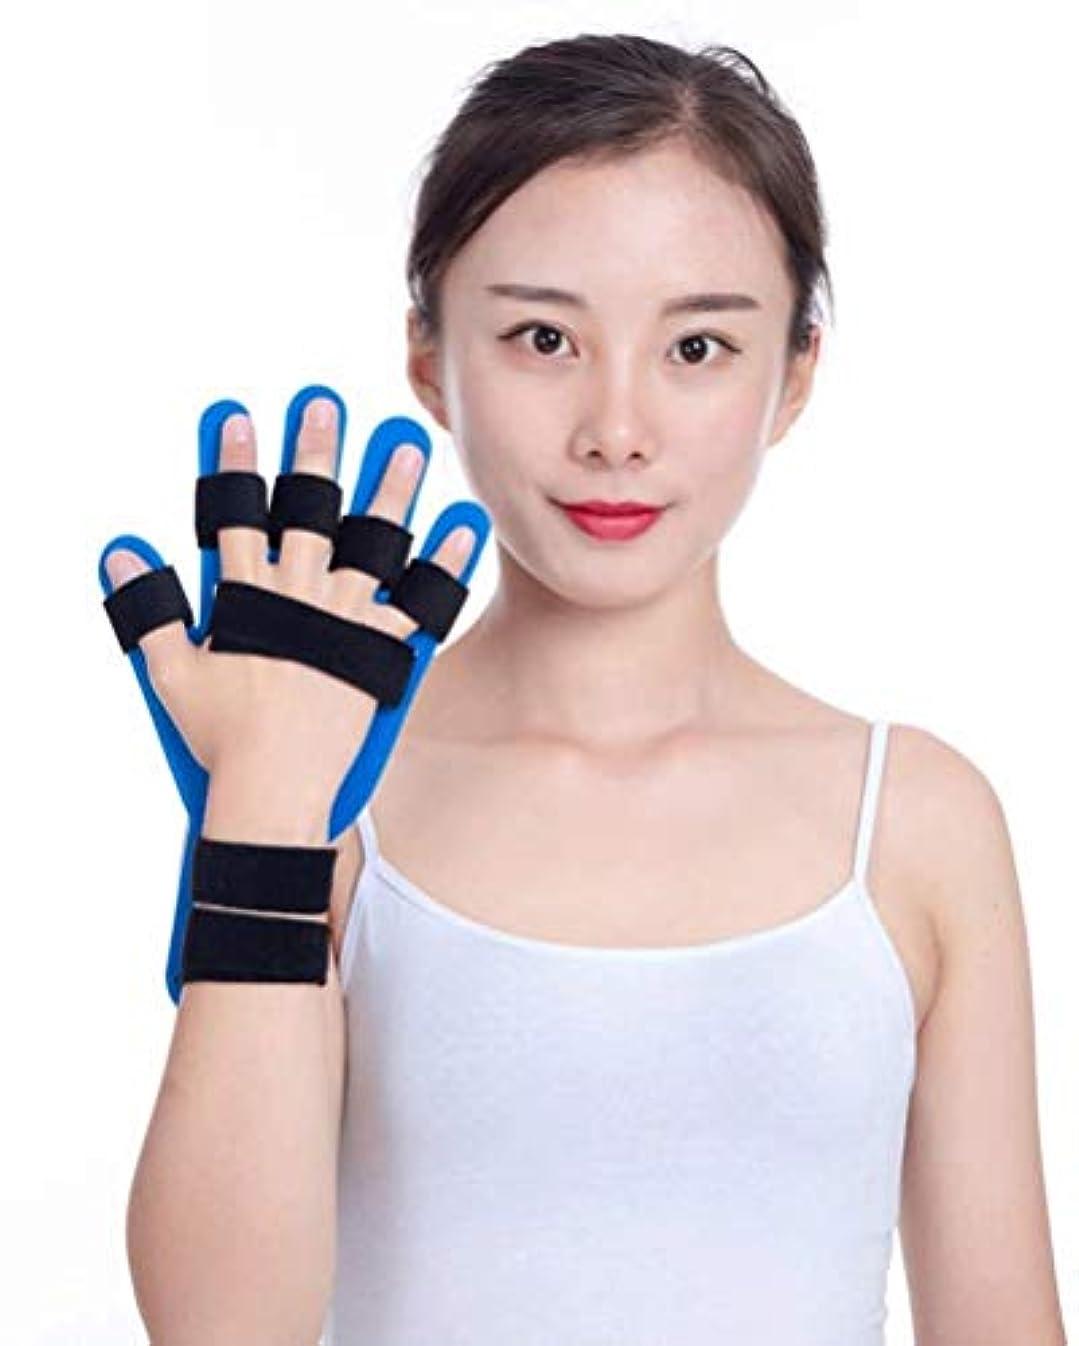 失連続した厚さ脳卒中/片麻痺/外傷性脳損傷のためにスプリントブレースの手の手首のトレーニング装具の脳卒中リハビリテーション機器を指